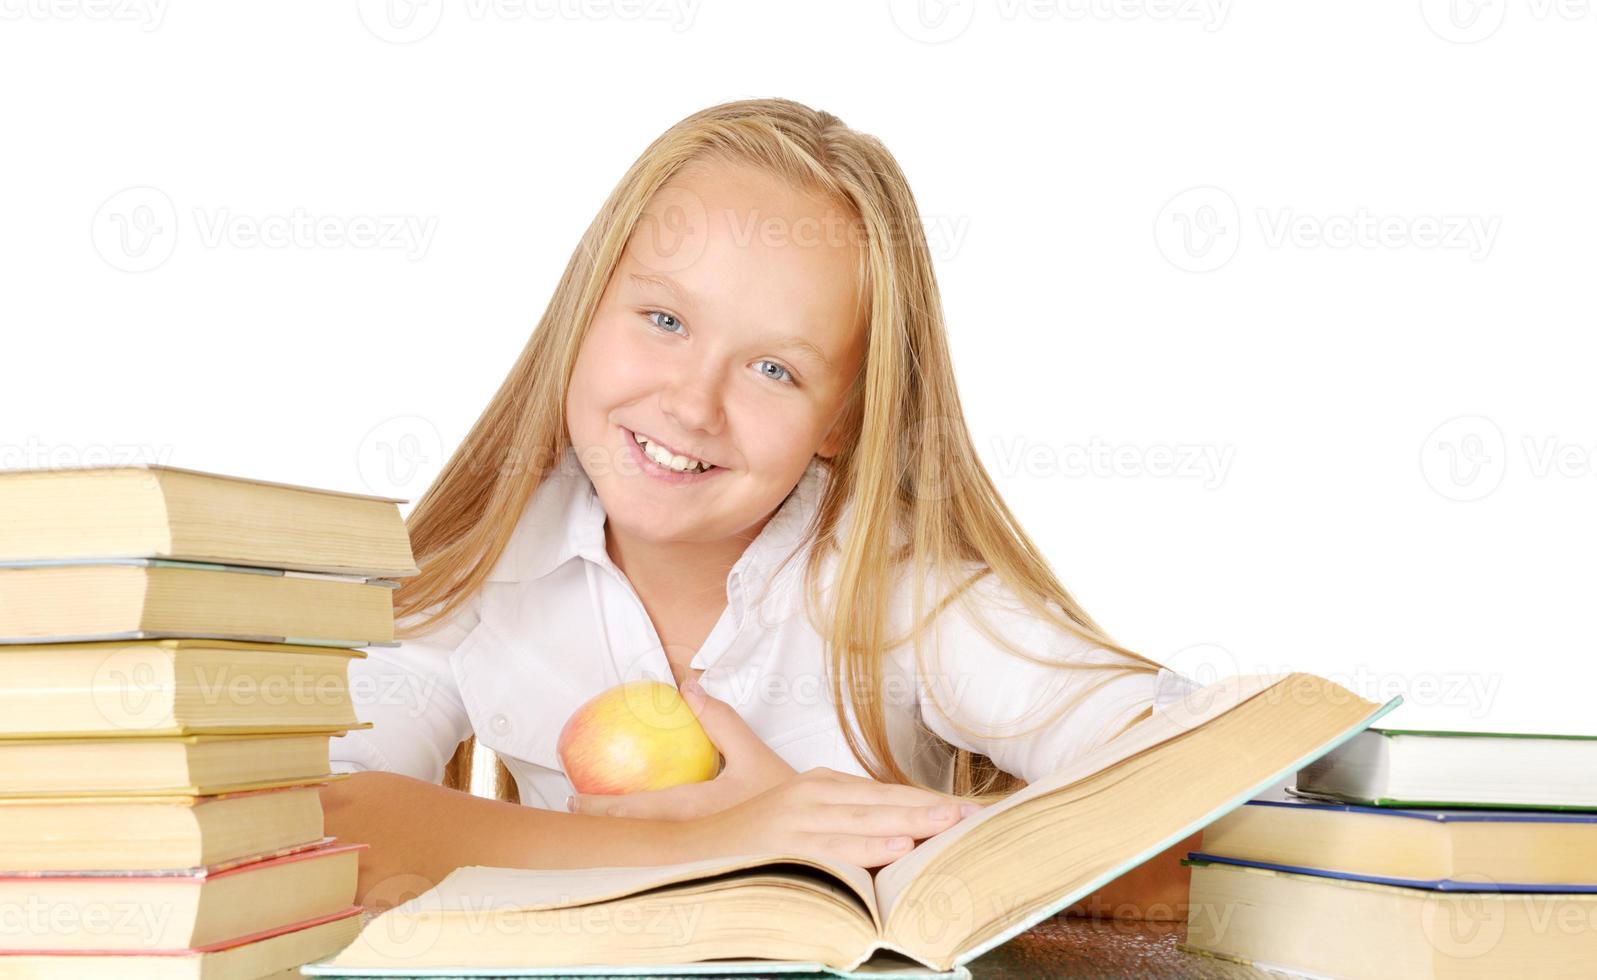 écolière photo